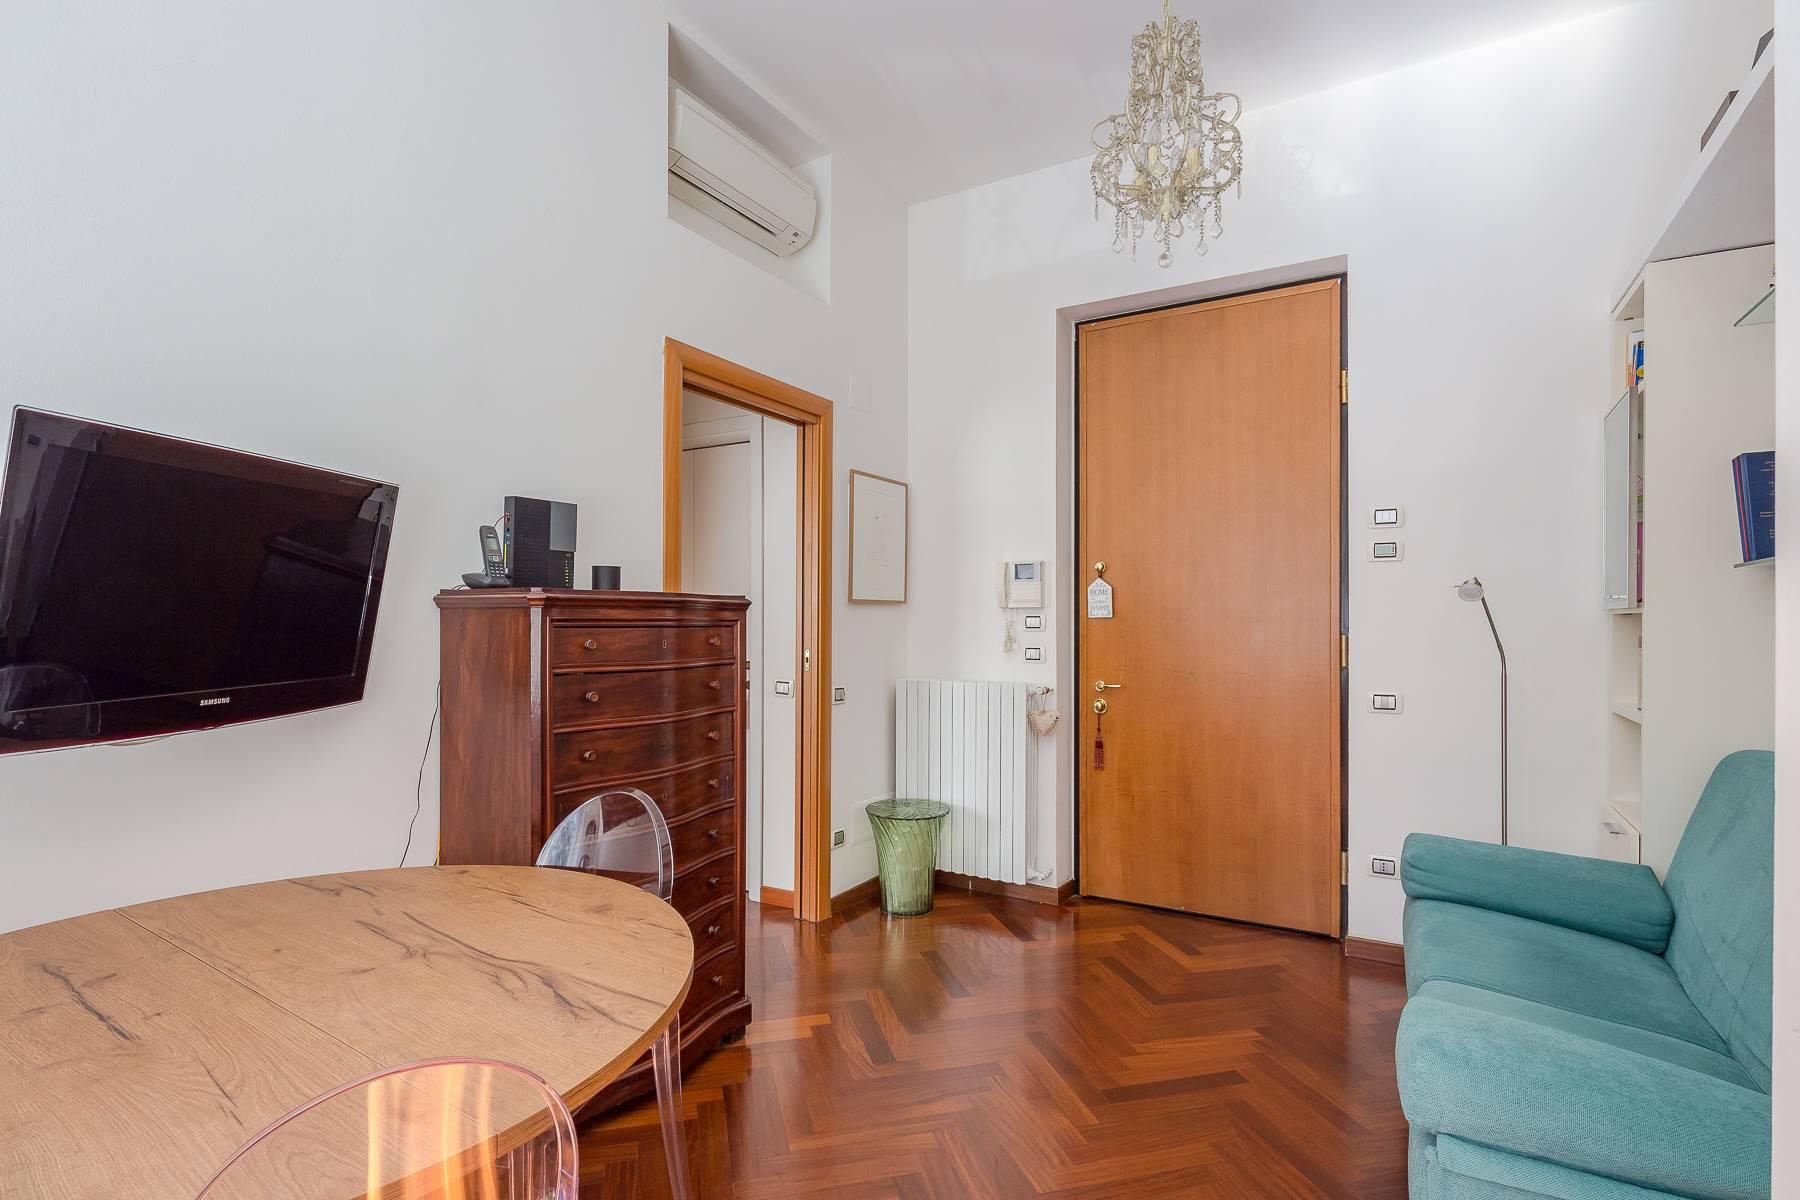 Appartamento in Vendita a Milano: 2 locali, 55 mq - Foto 8